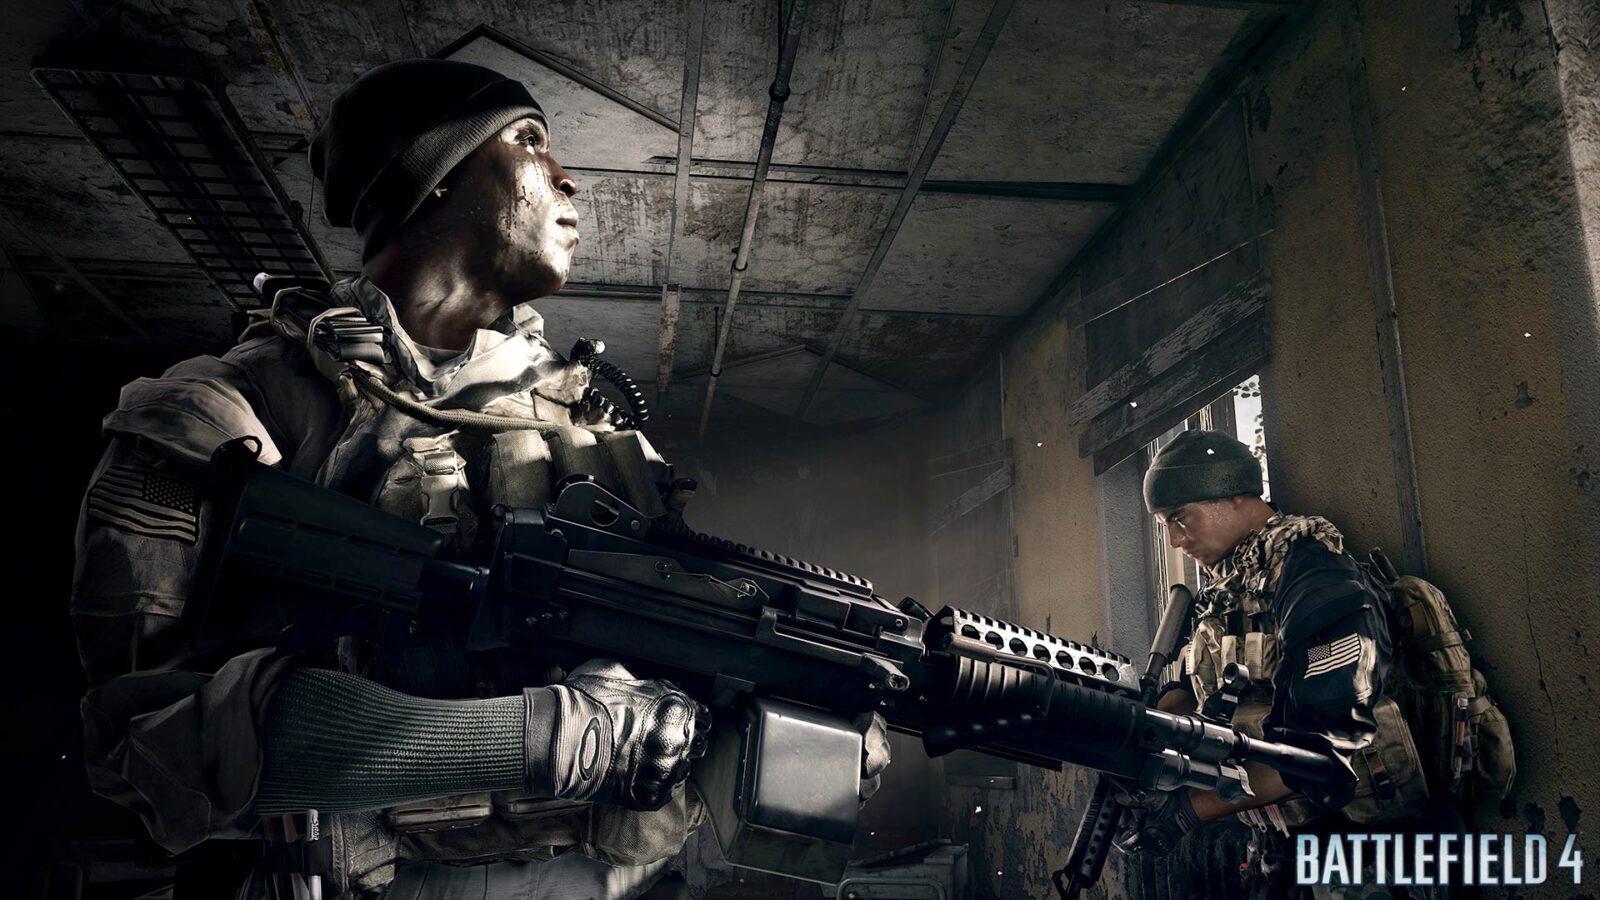 Battlefield-4-Leaked-GDC-Screenshot-02